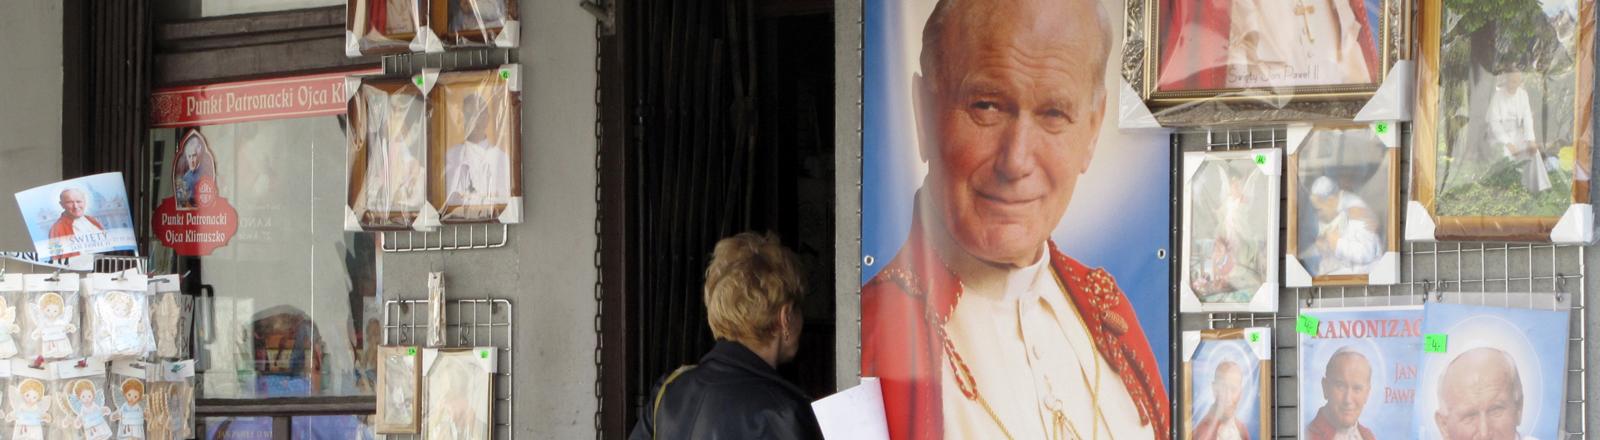 Eine Frau geht am 09.04.2014 in Wadowice (Polen) in ein Devotionaliengeschäft. Hier kann sich der Wojtyla-Fan mit allem ausstatten, was zum Kult um den polnischen Papst Johannes Paul II. gehört.